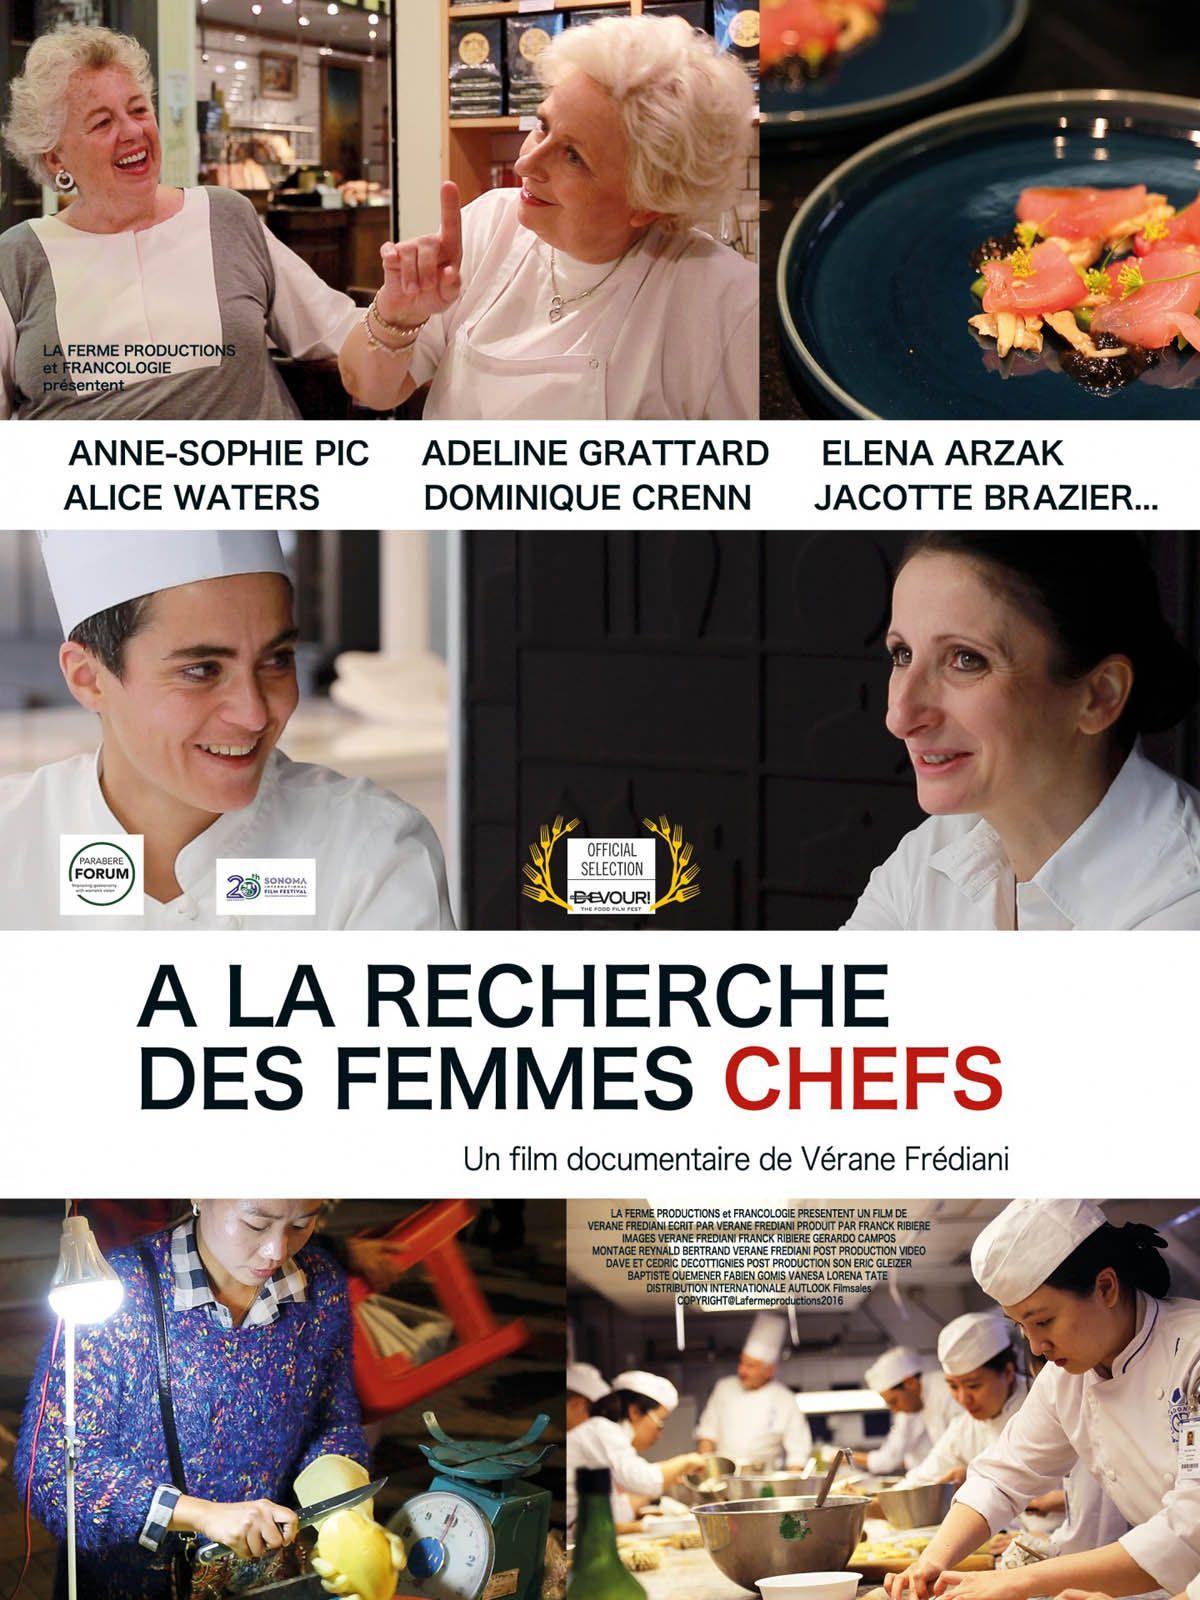 A la recherche des femmes chefs - Documentaire (2017)